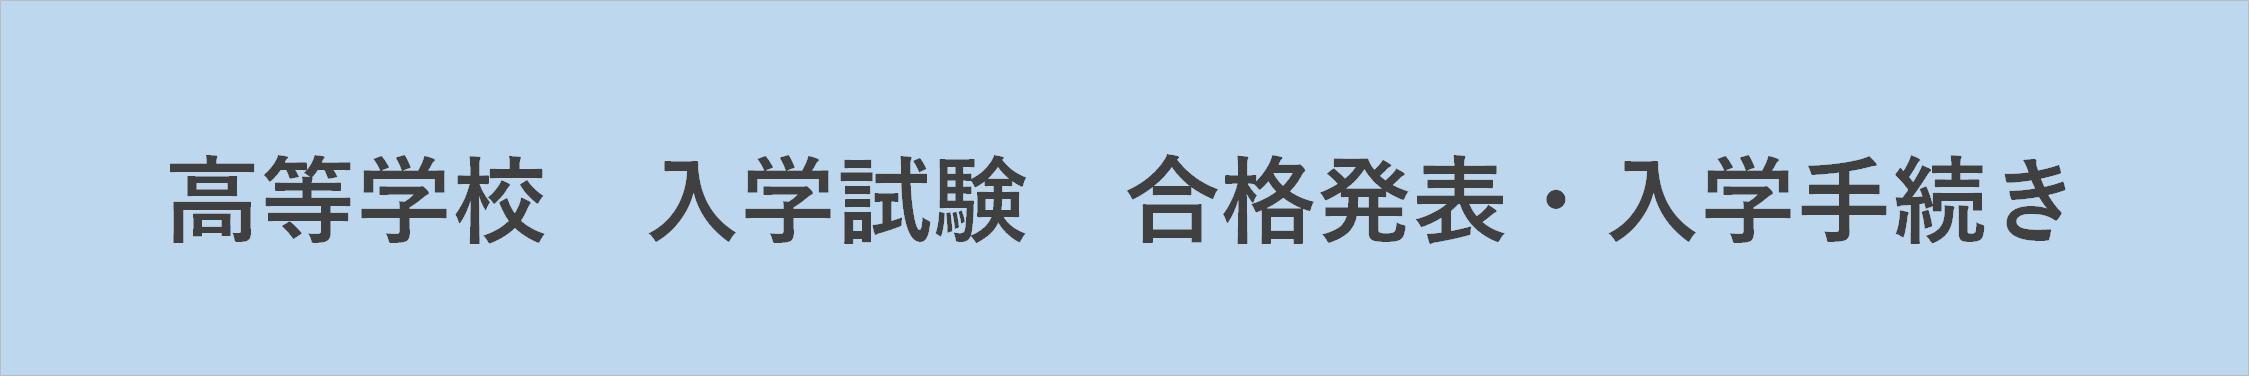 高等学校 入学試験 合格発表・入学手続き